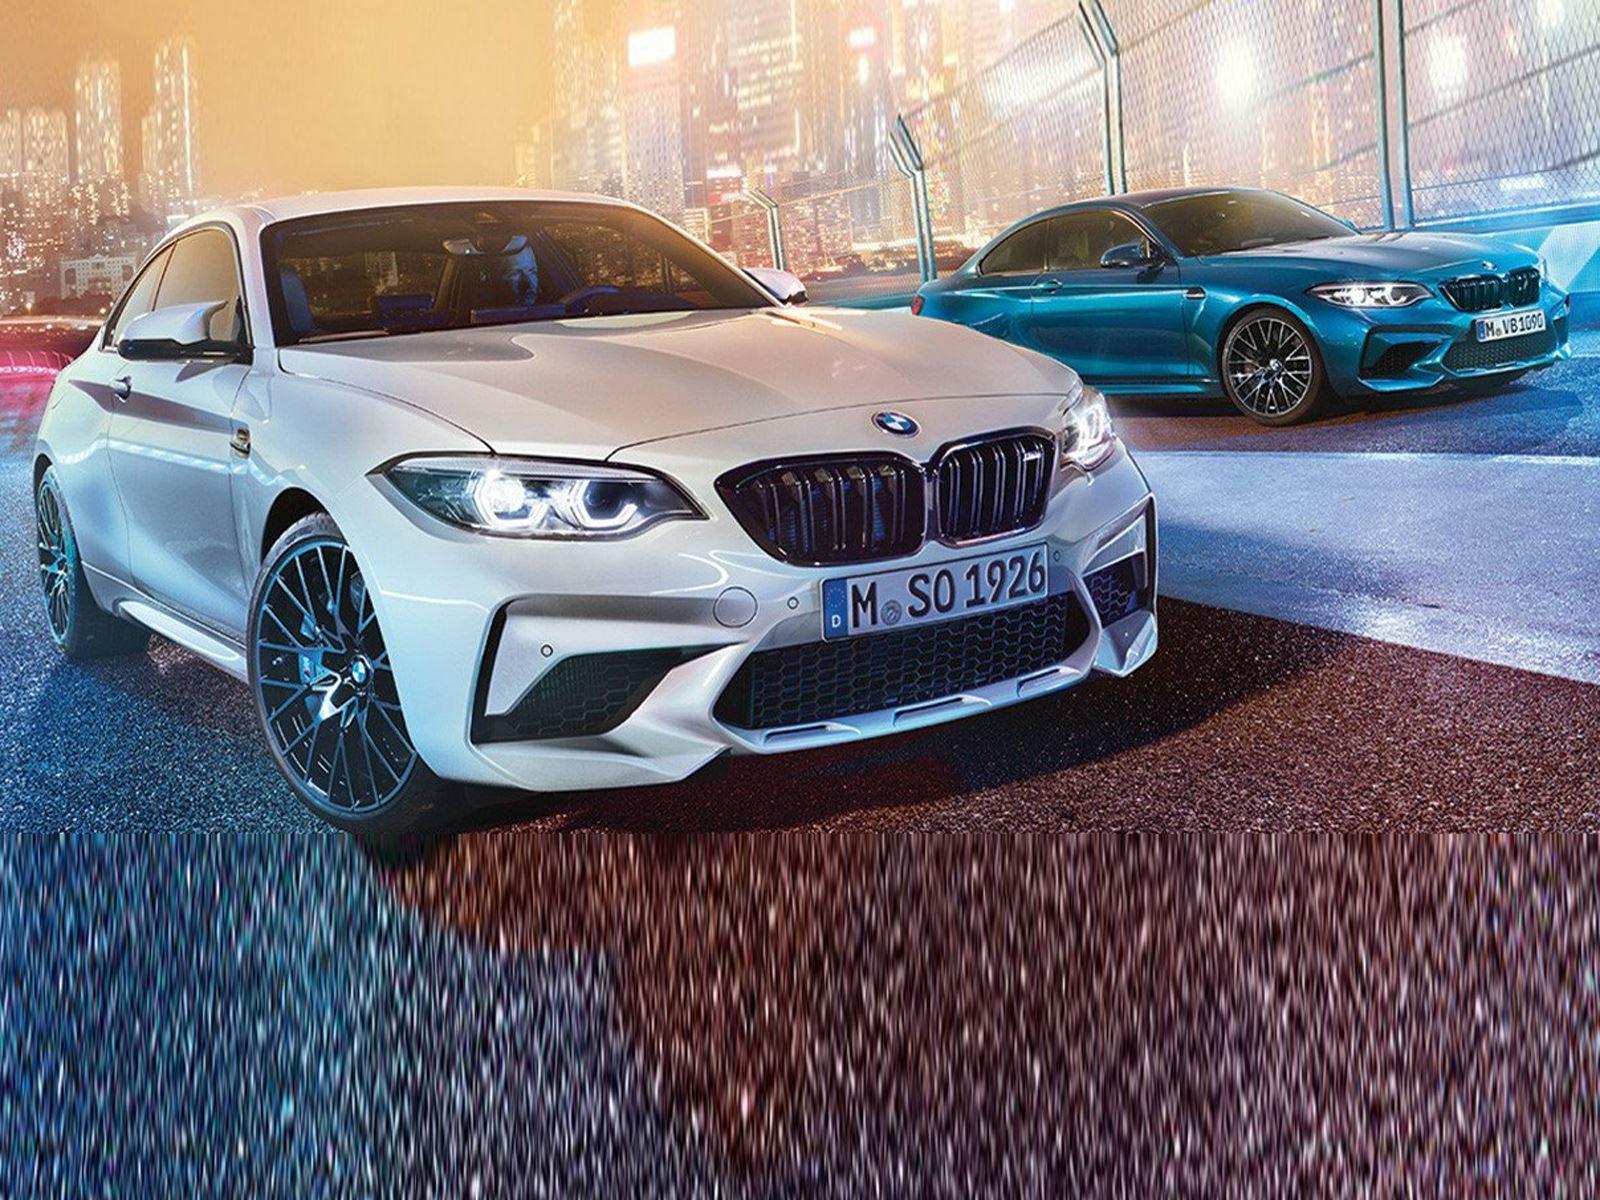 Представляем вашему вниманию 2019 BMW M2 Competition мощностью 410 л.с. и 550 Нм крутящего момента от знакомого нам шестицилиндрового двигателя с турбонаддувом. В обычном M2 этот двигатель производит 365 л.с. и 465 Нм, а теперь он получил дополнитель